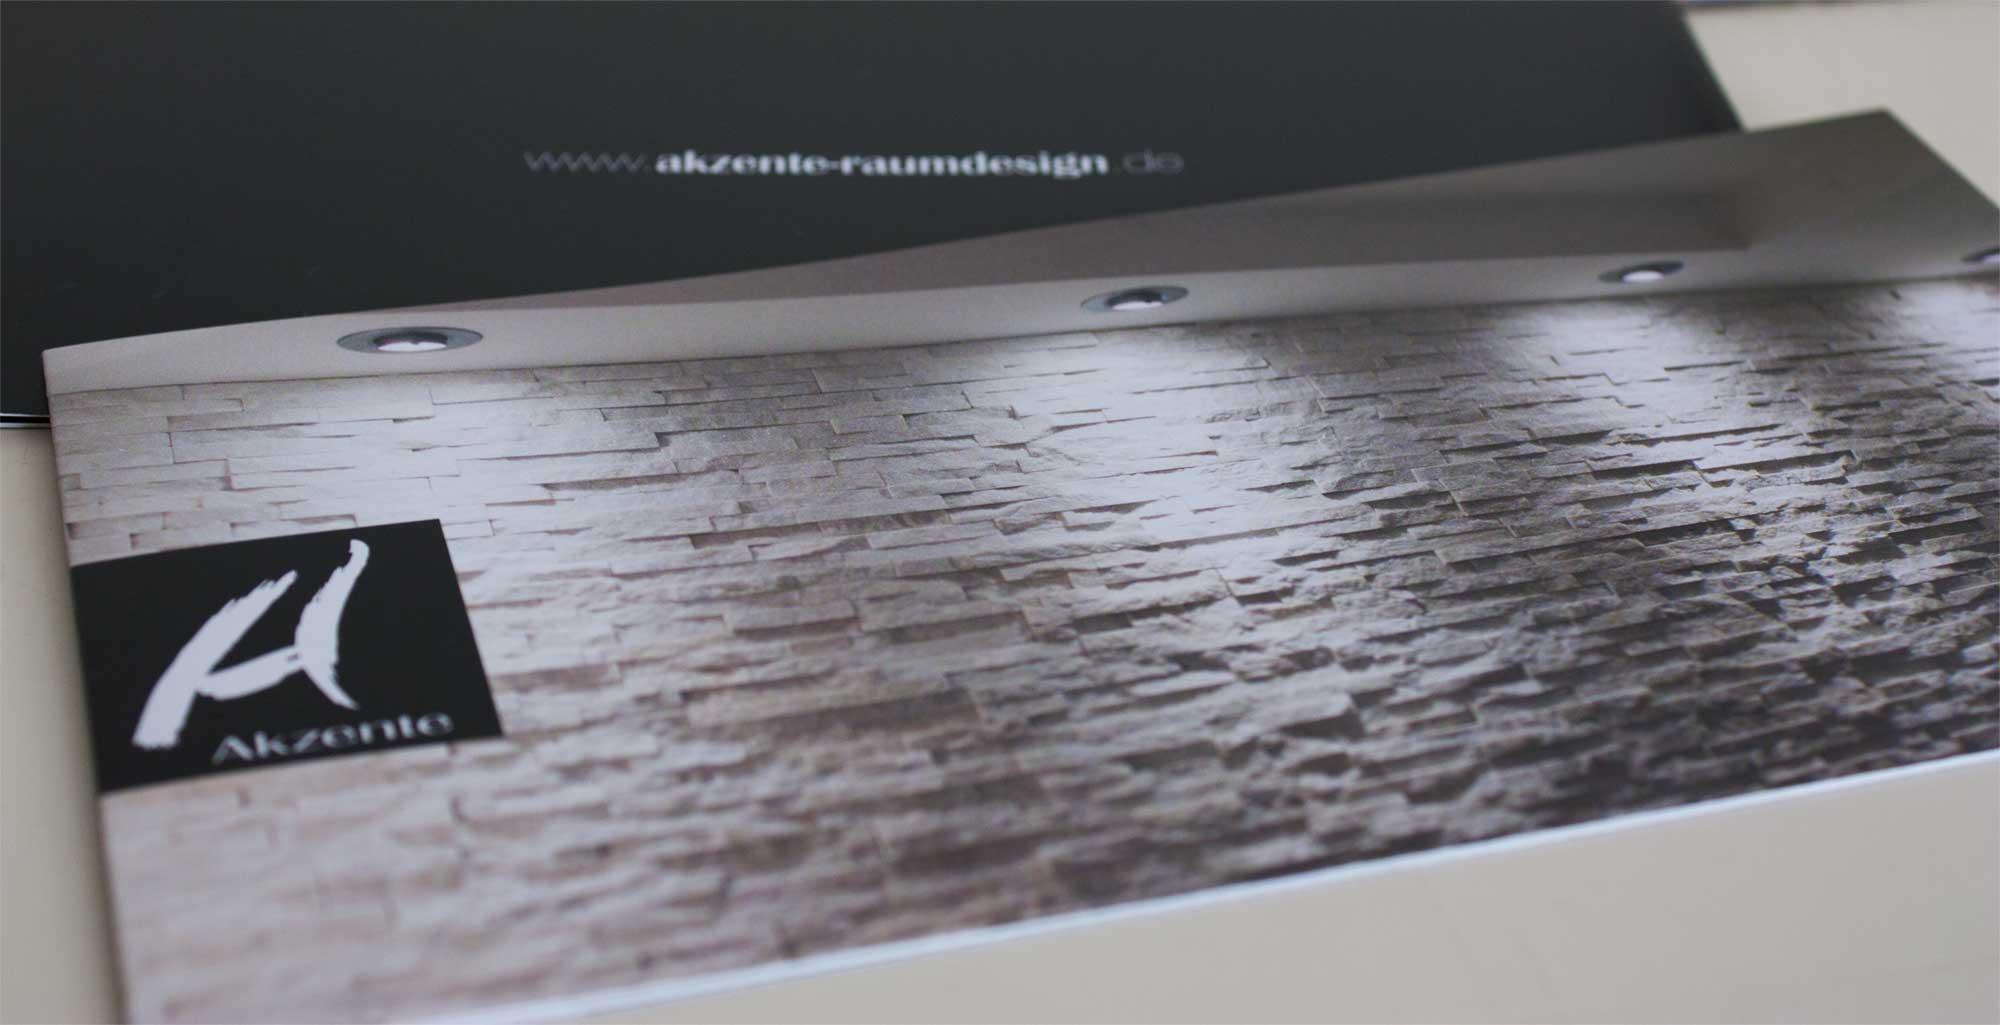 Werbefaltblatt Akzente Raumdesign